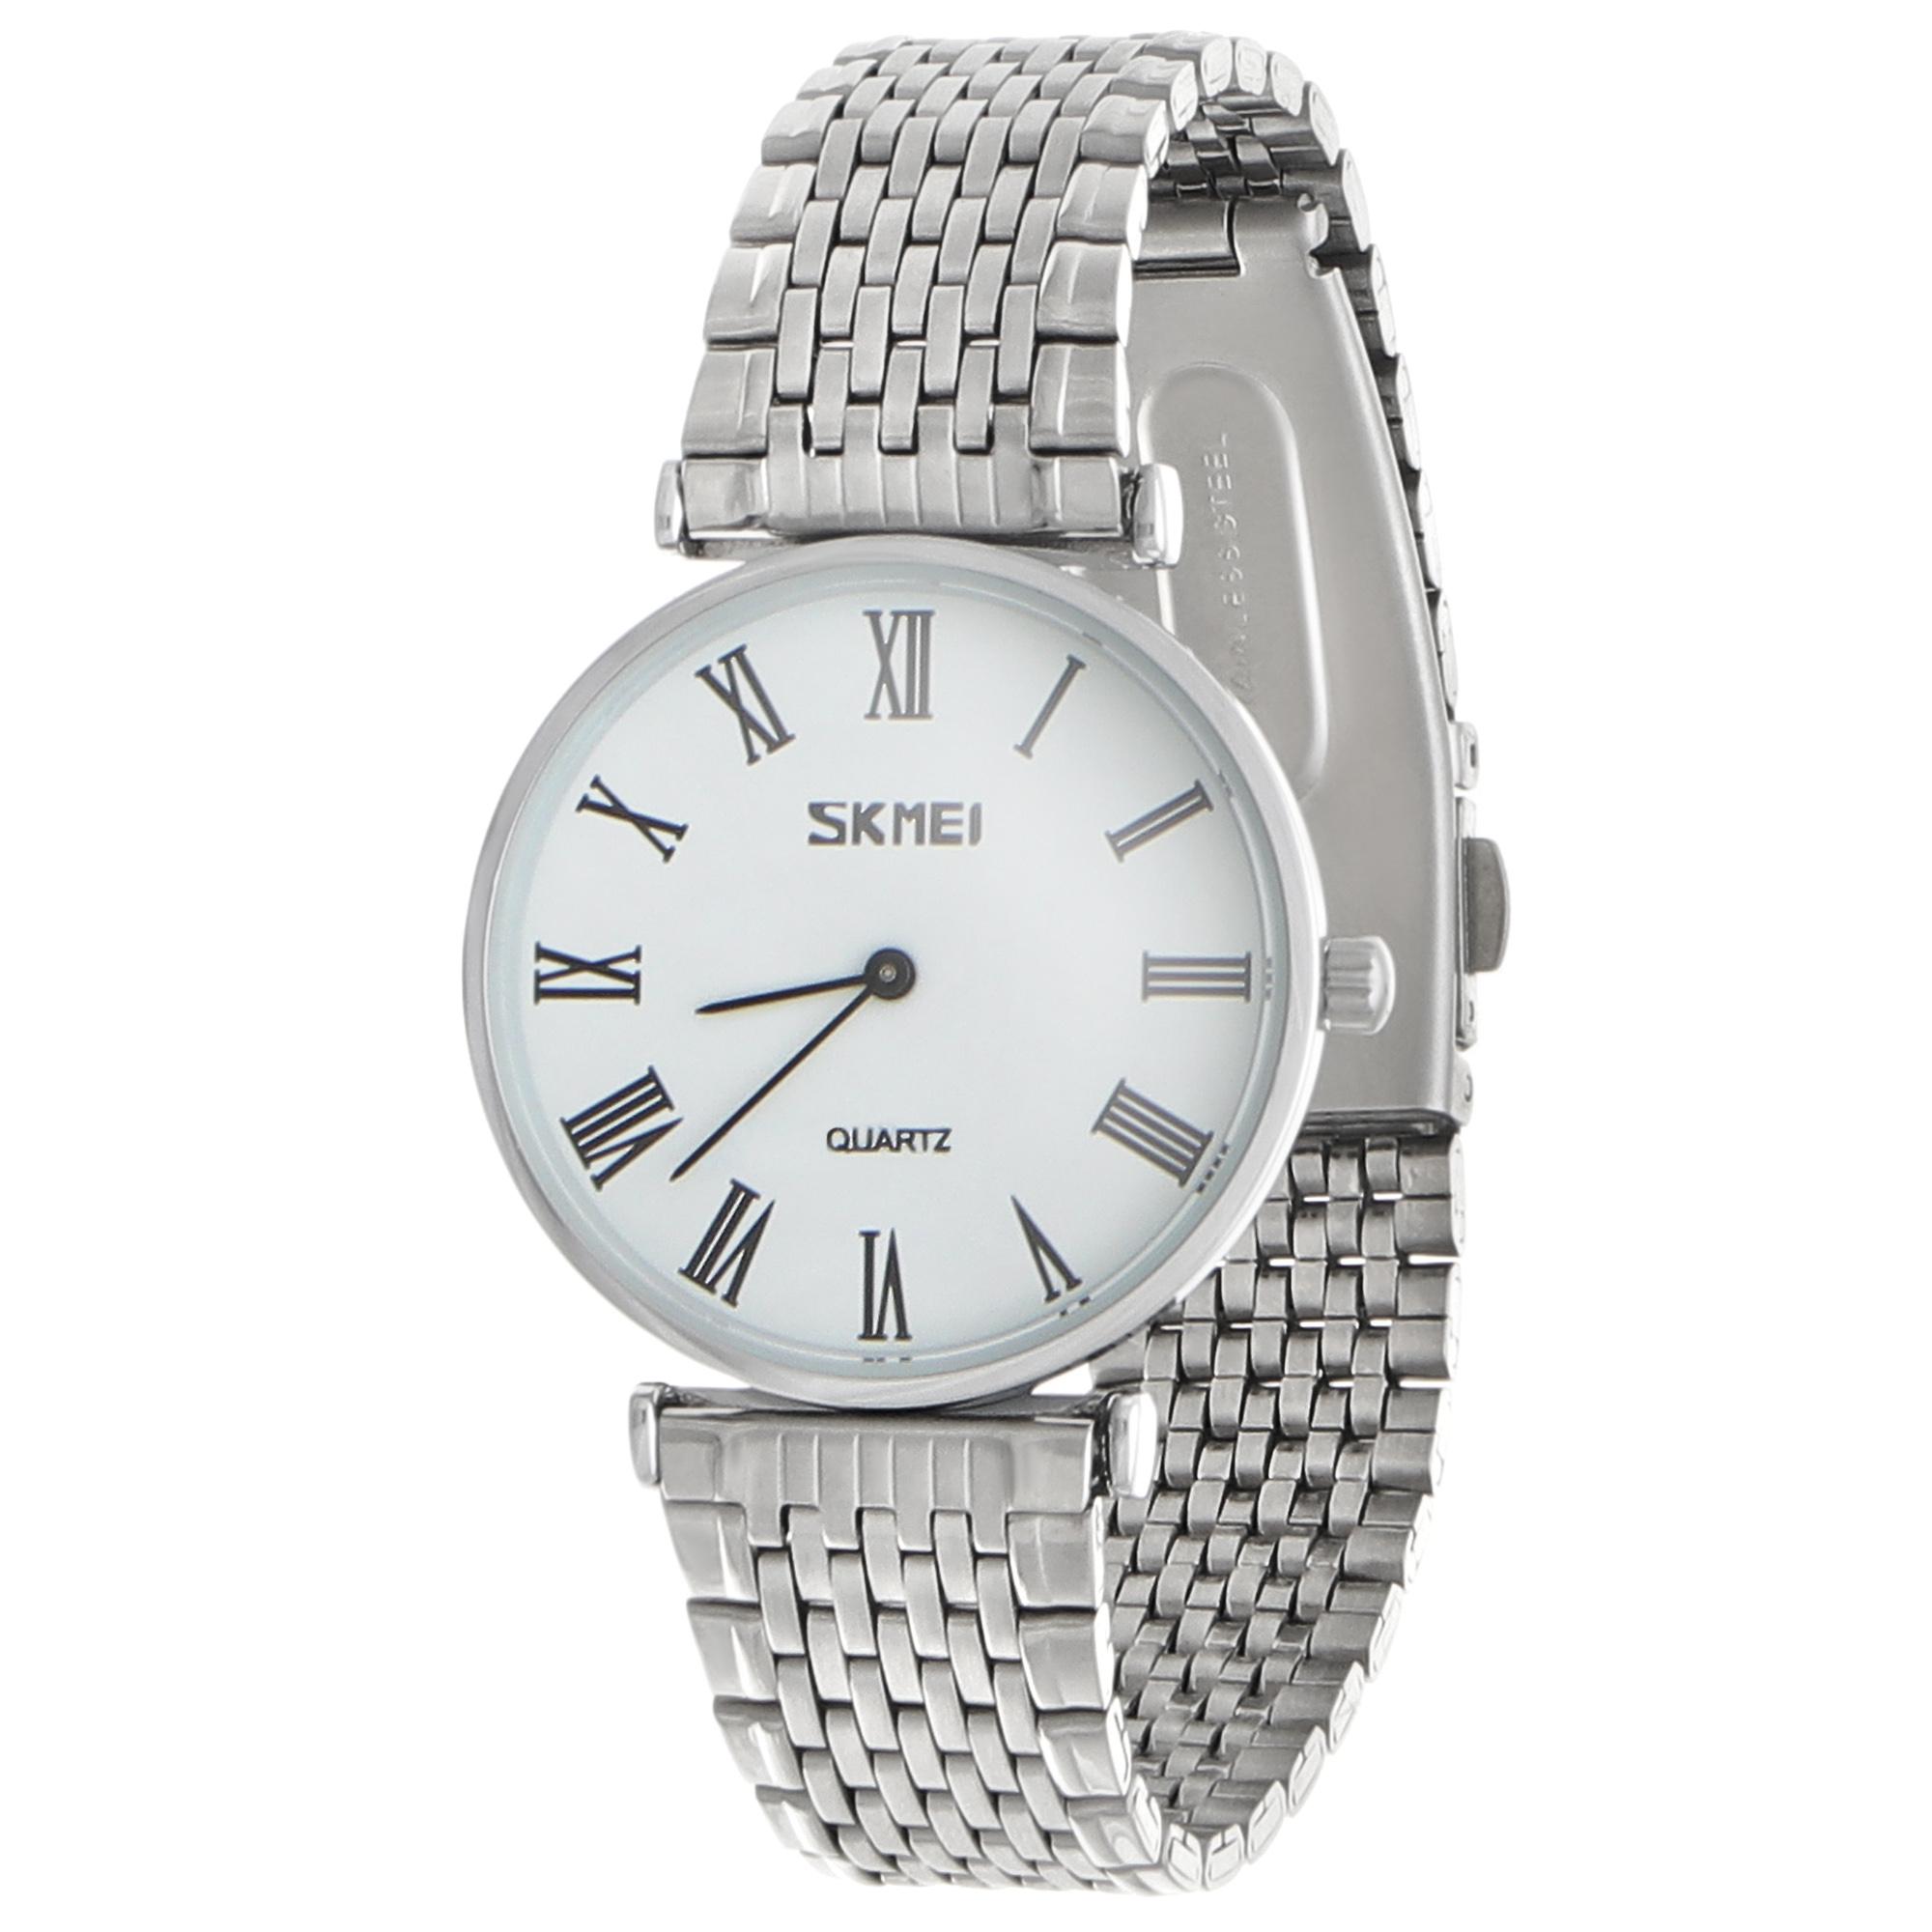 Часы наручные SKMEI SKMB041902G часы наручные shiyi watch skmei skmb041902g